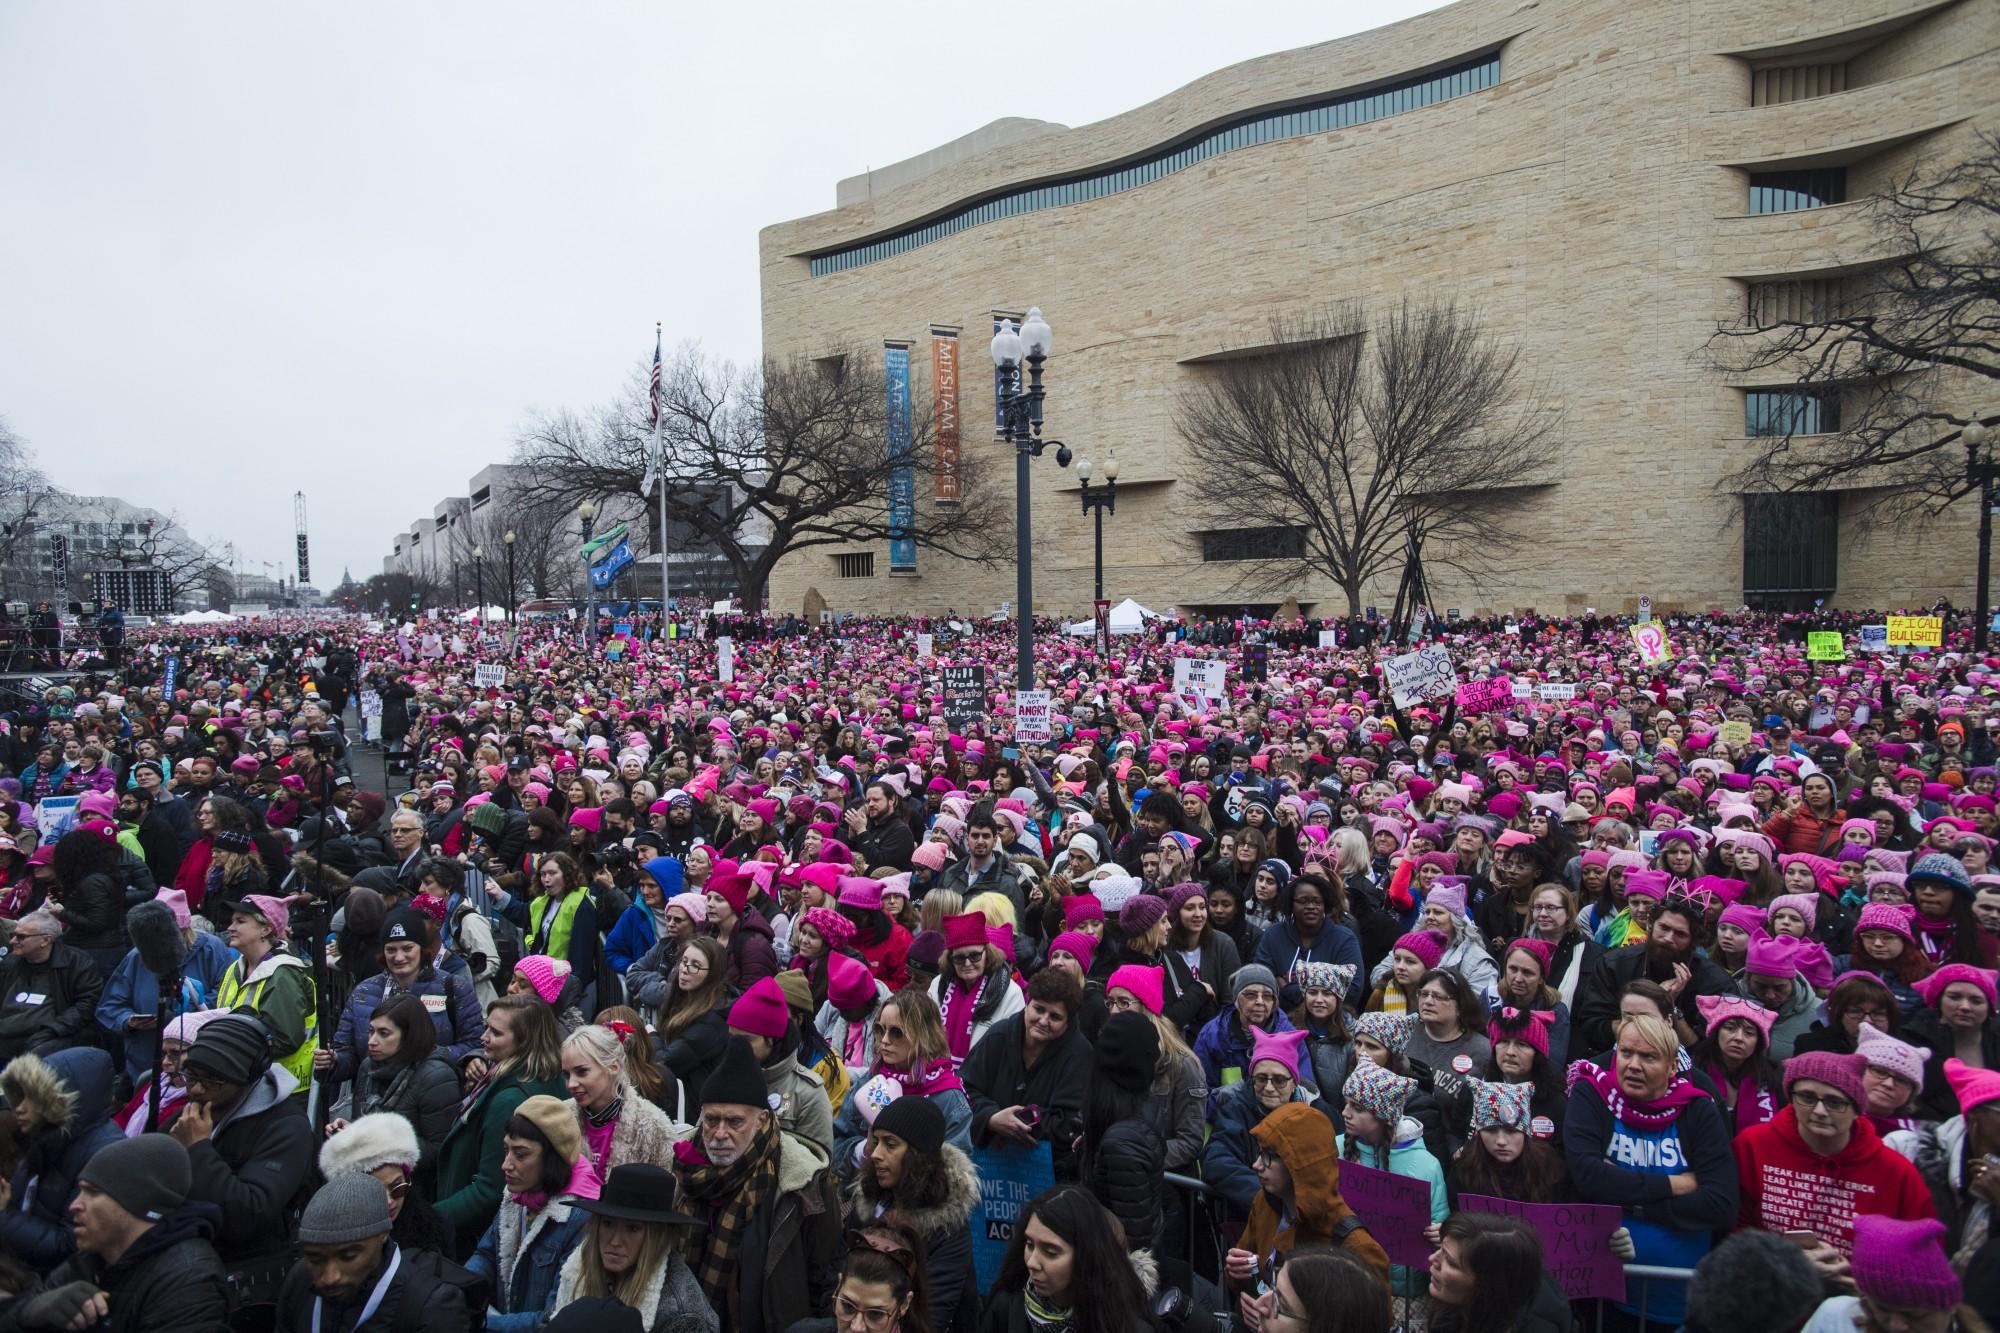 Crowds of people descend on Washington. Amanda Voisard / The Washington Post